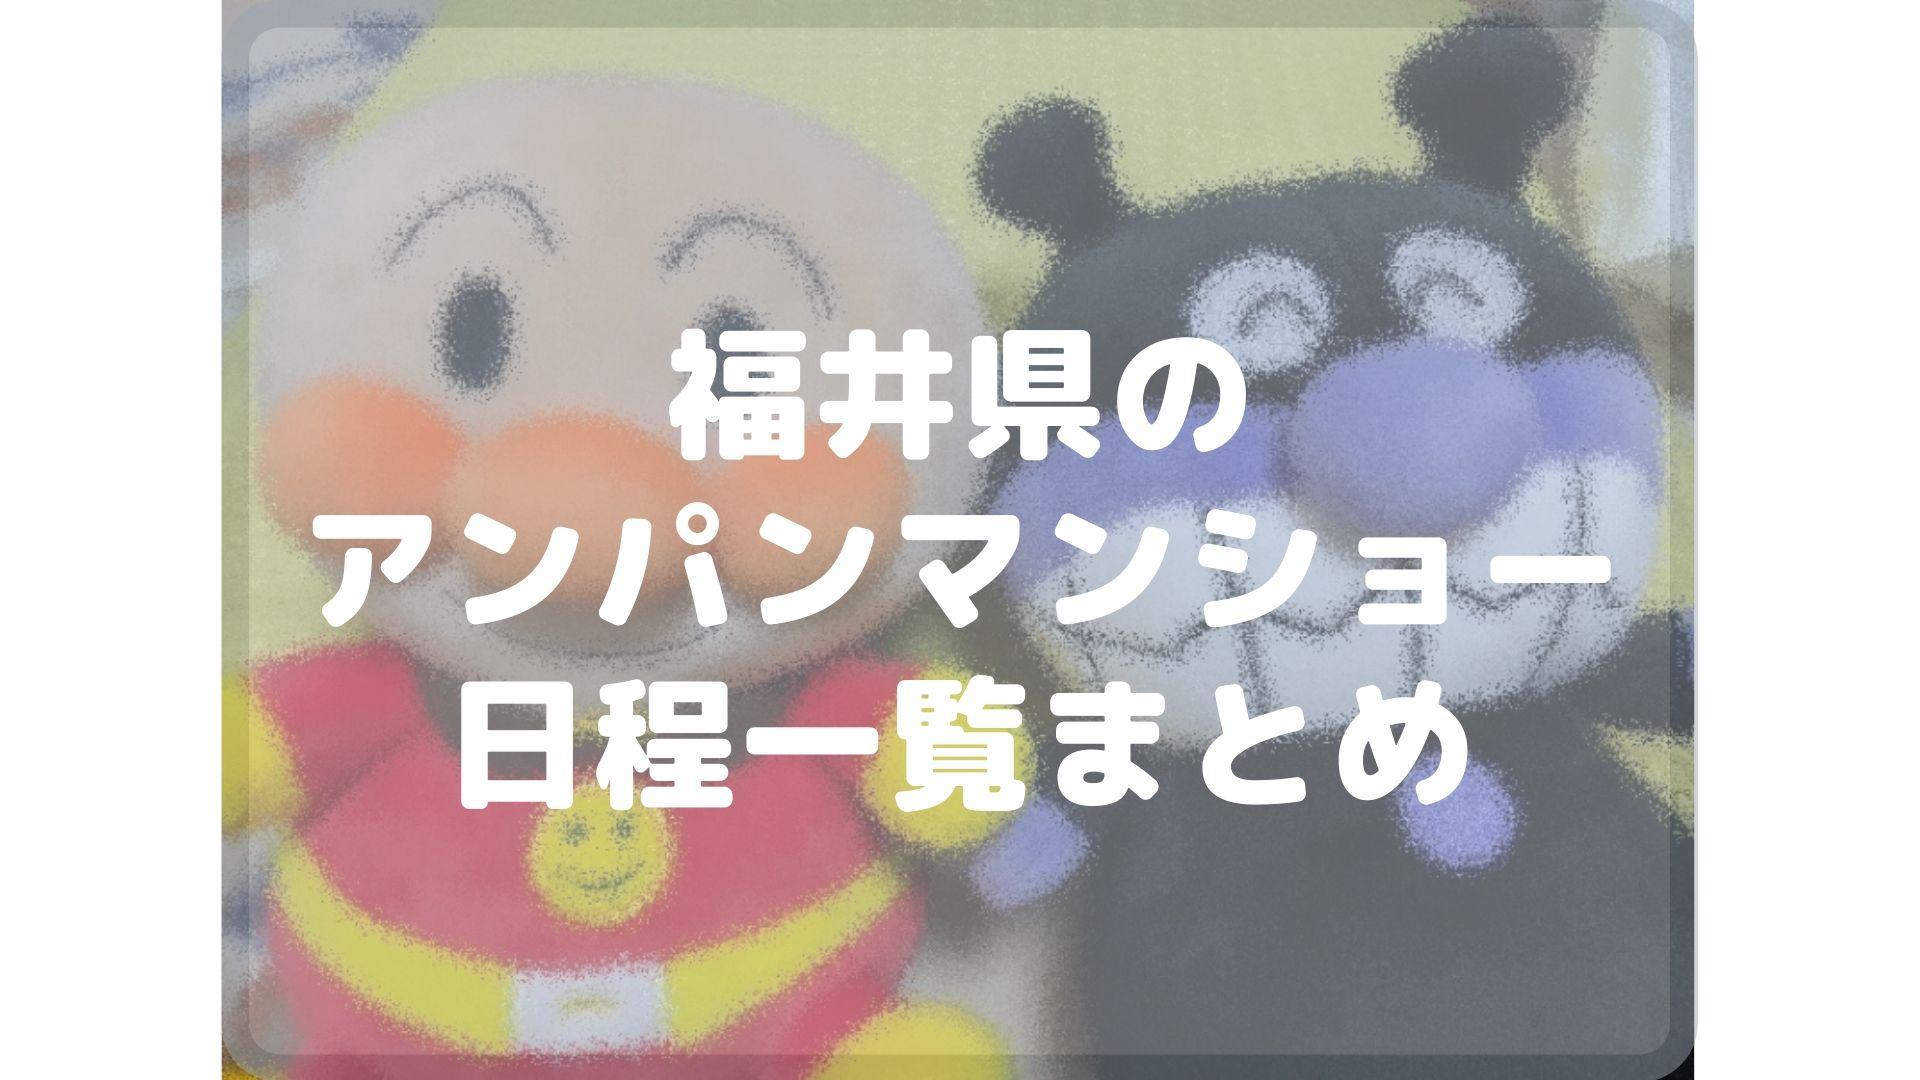 福井県のアンパンマンショーまとめタイトル画像